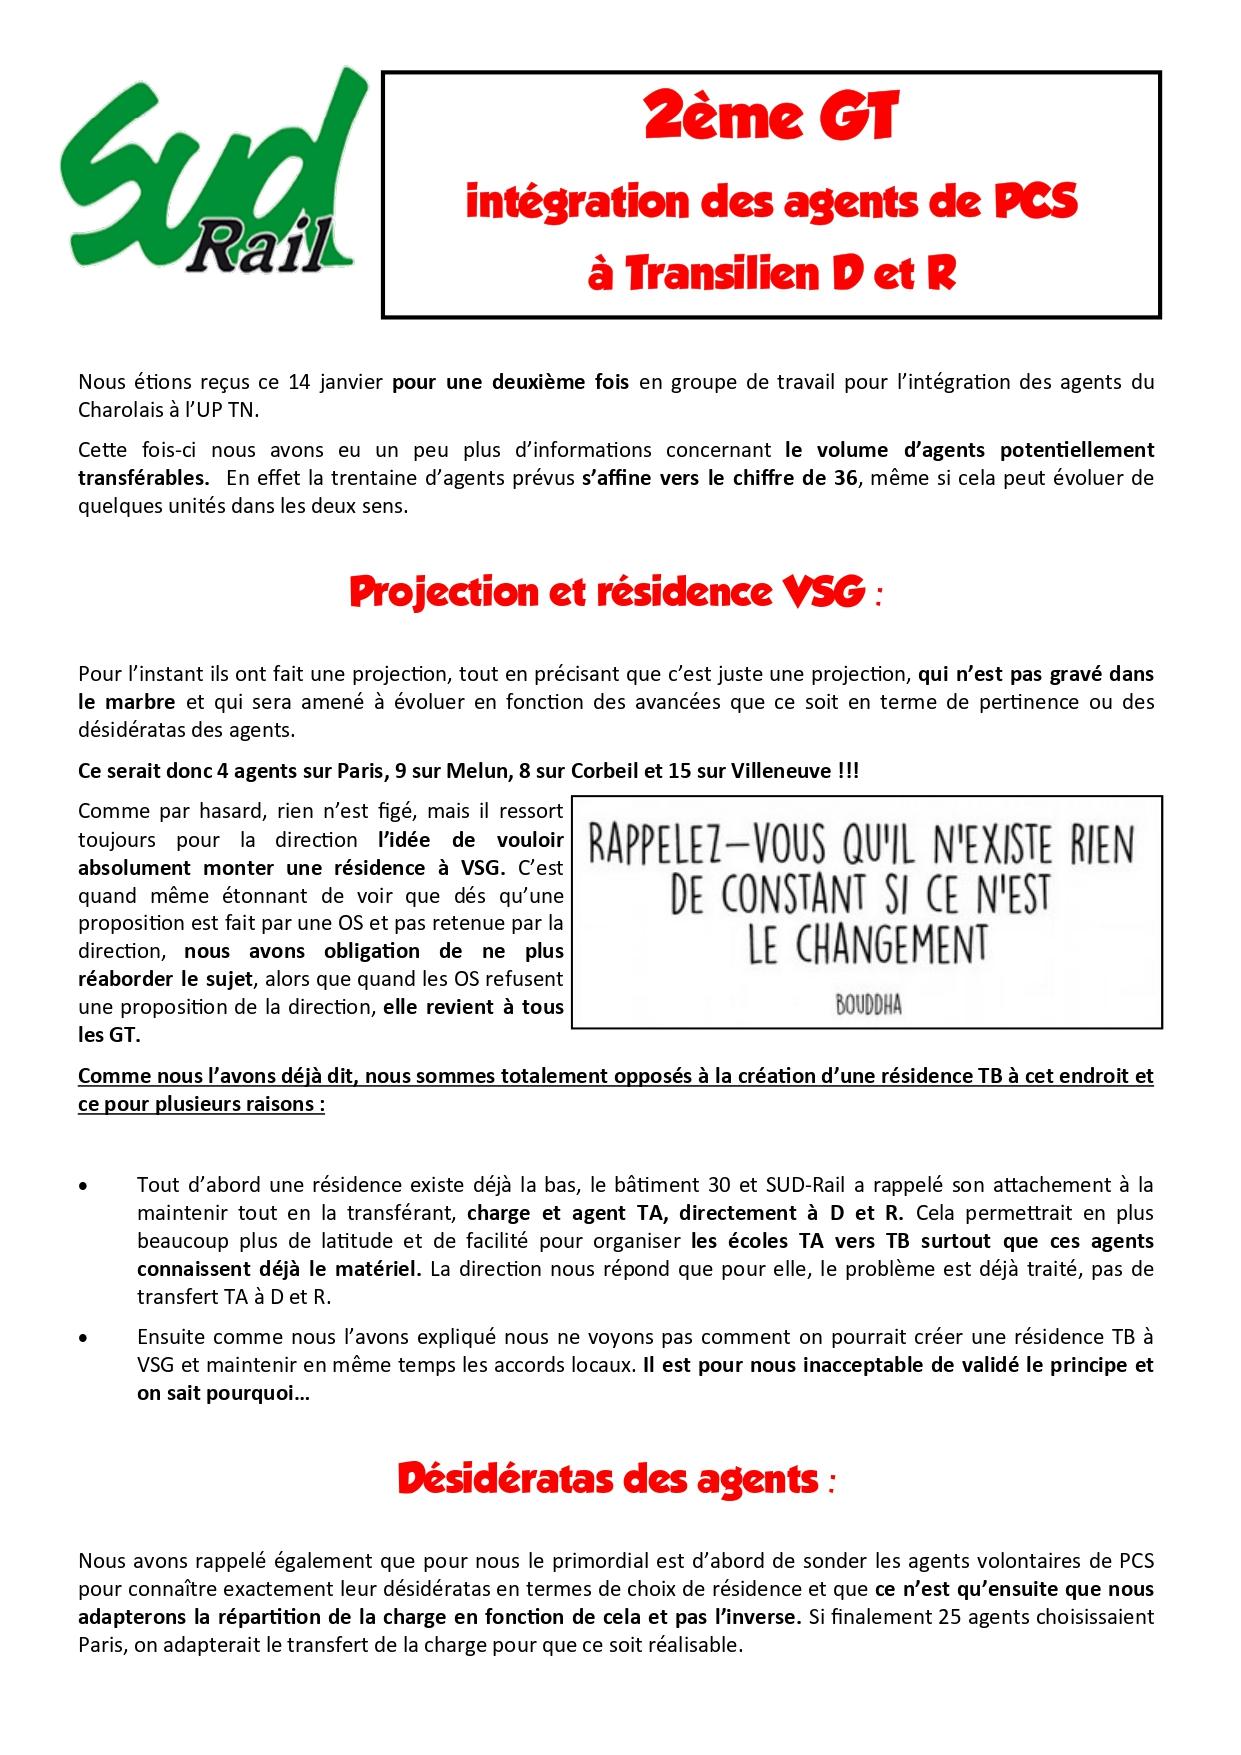 2eme GT integration des agents de PCS à Transilien D&R